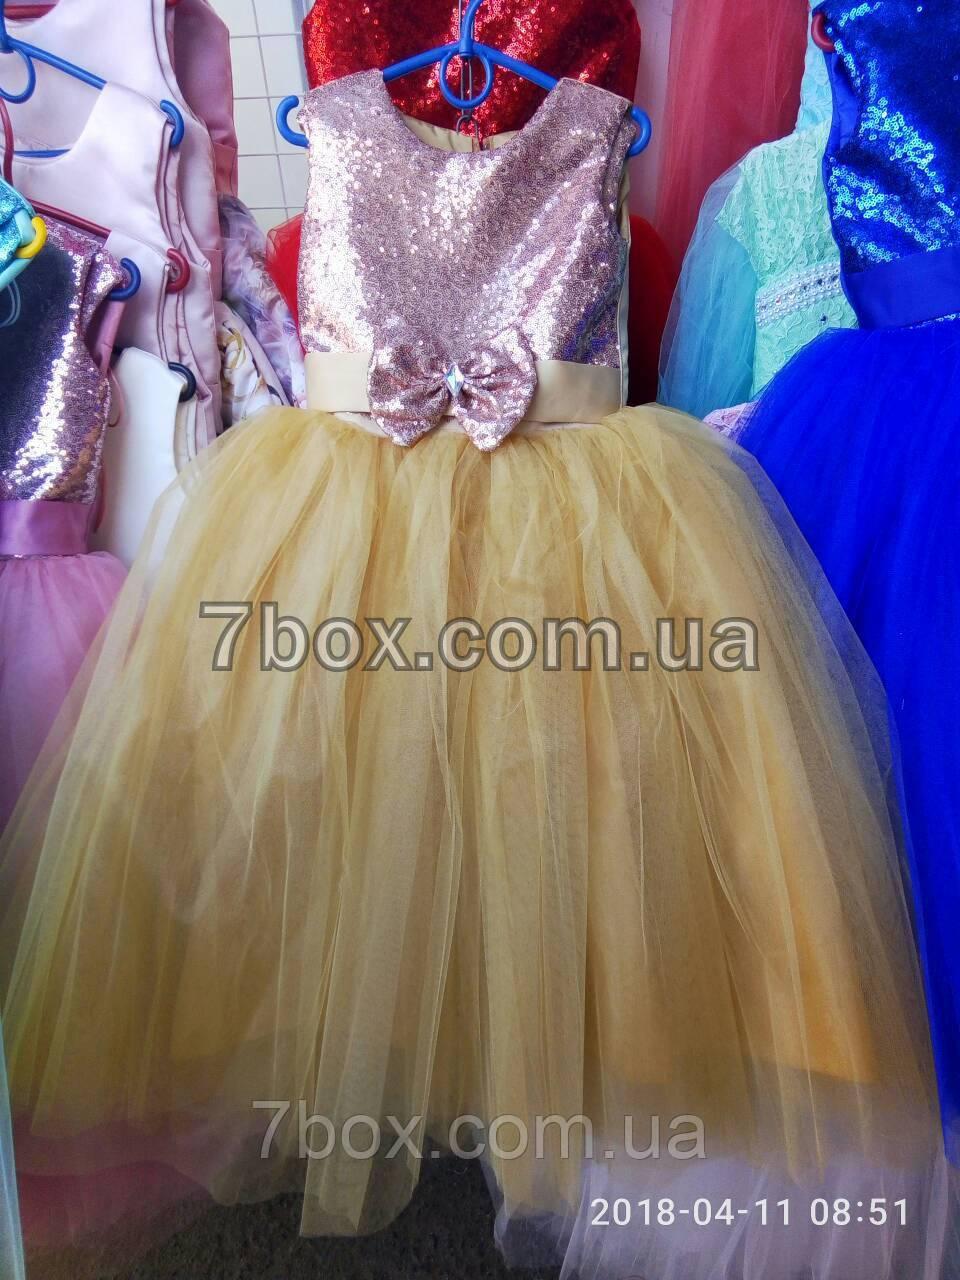 Дитяча сукня бальна Паєтки (Золоте) Вік 6-7 років.